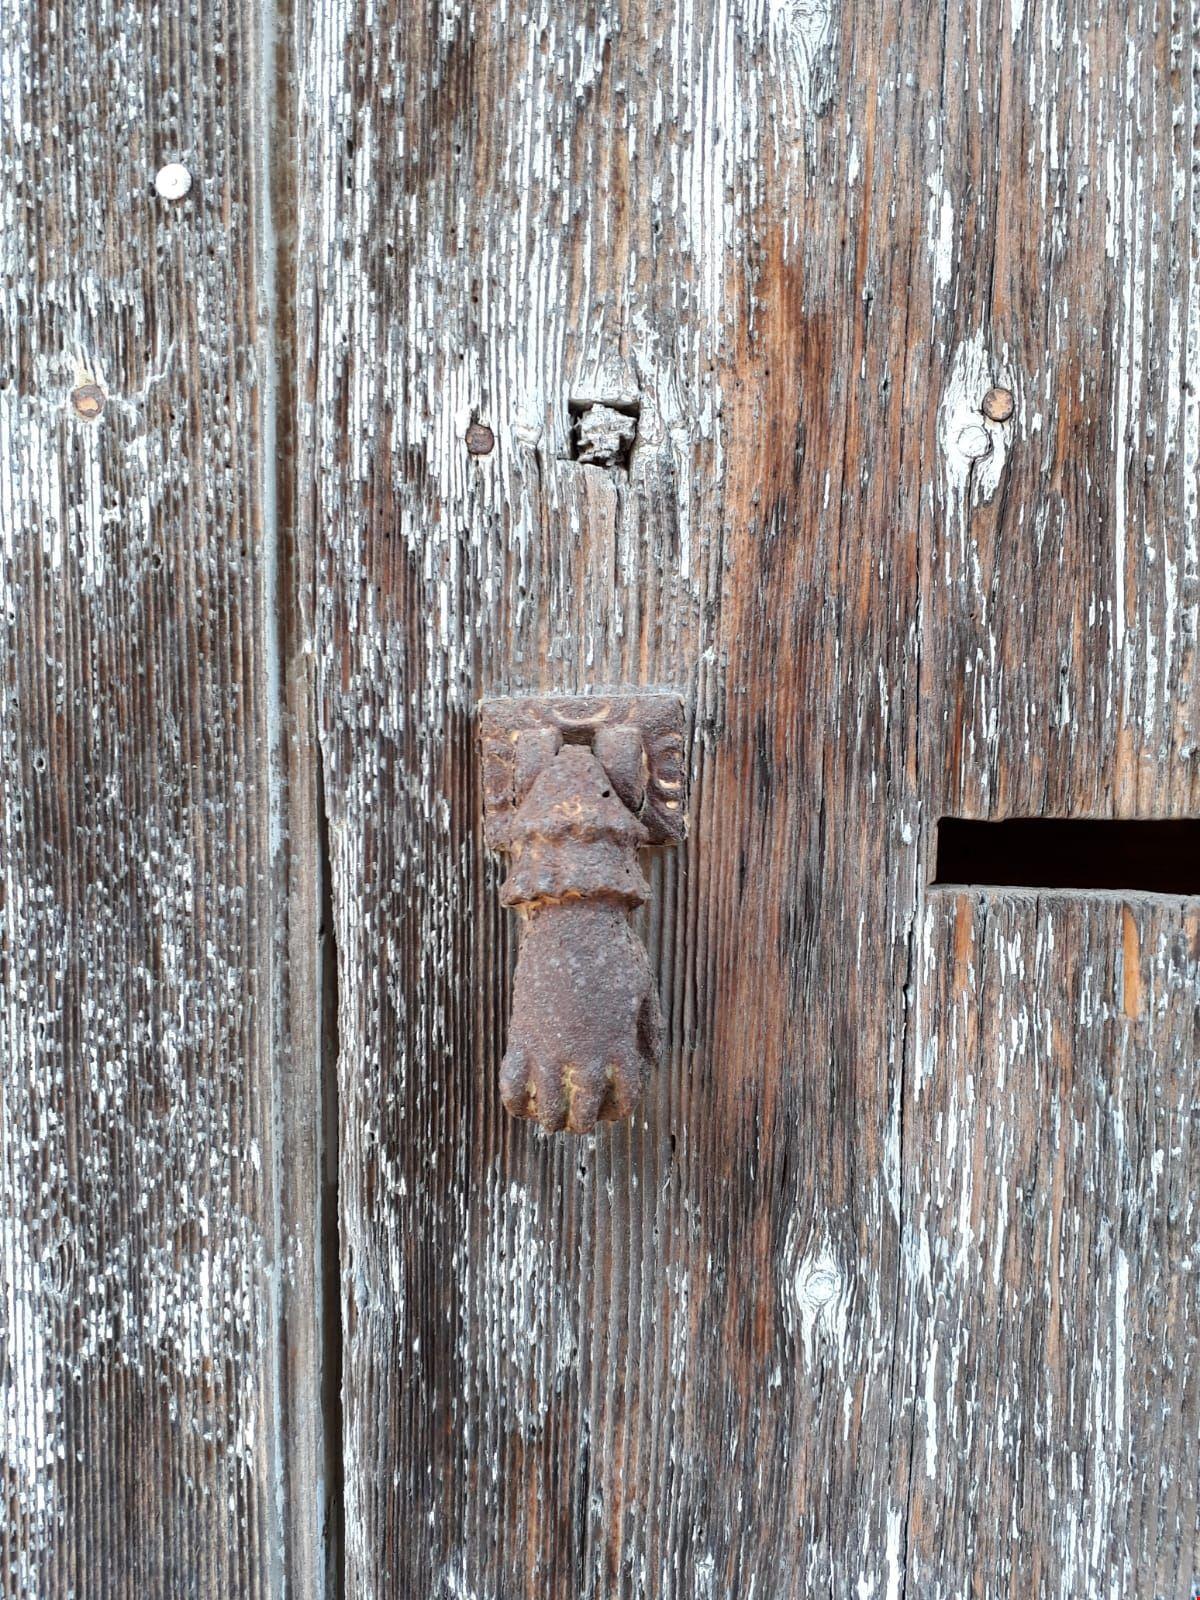 Dettaglio del portale